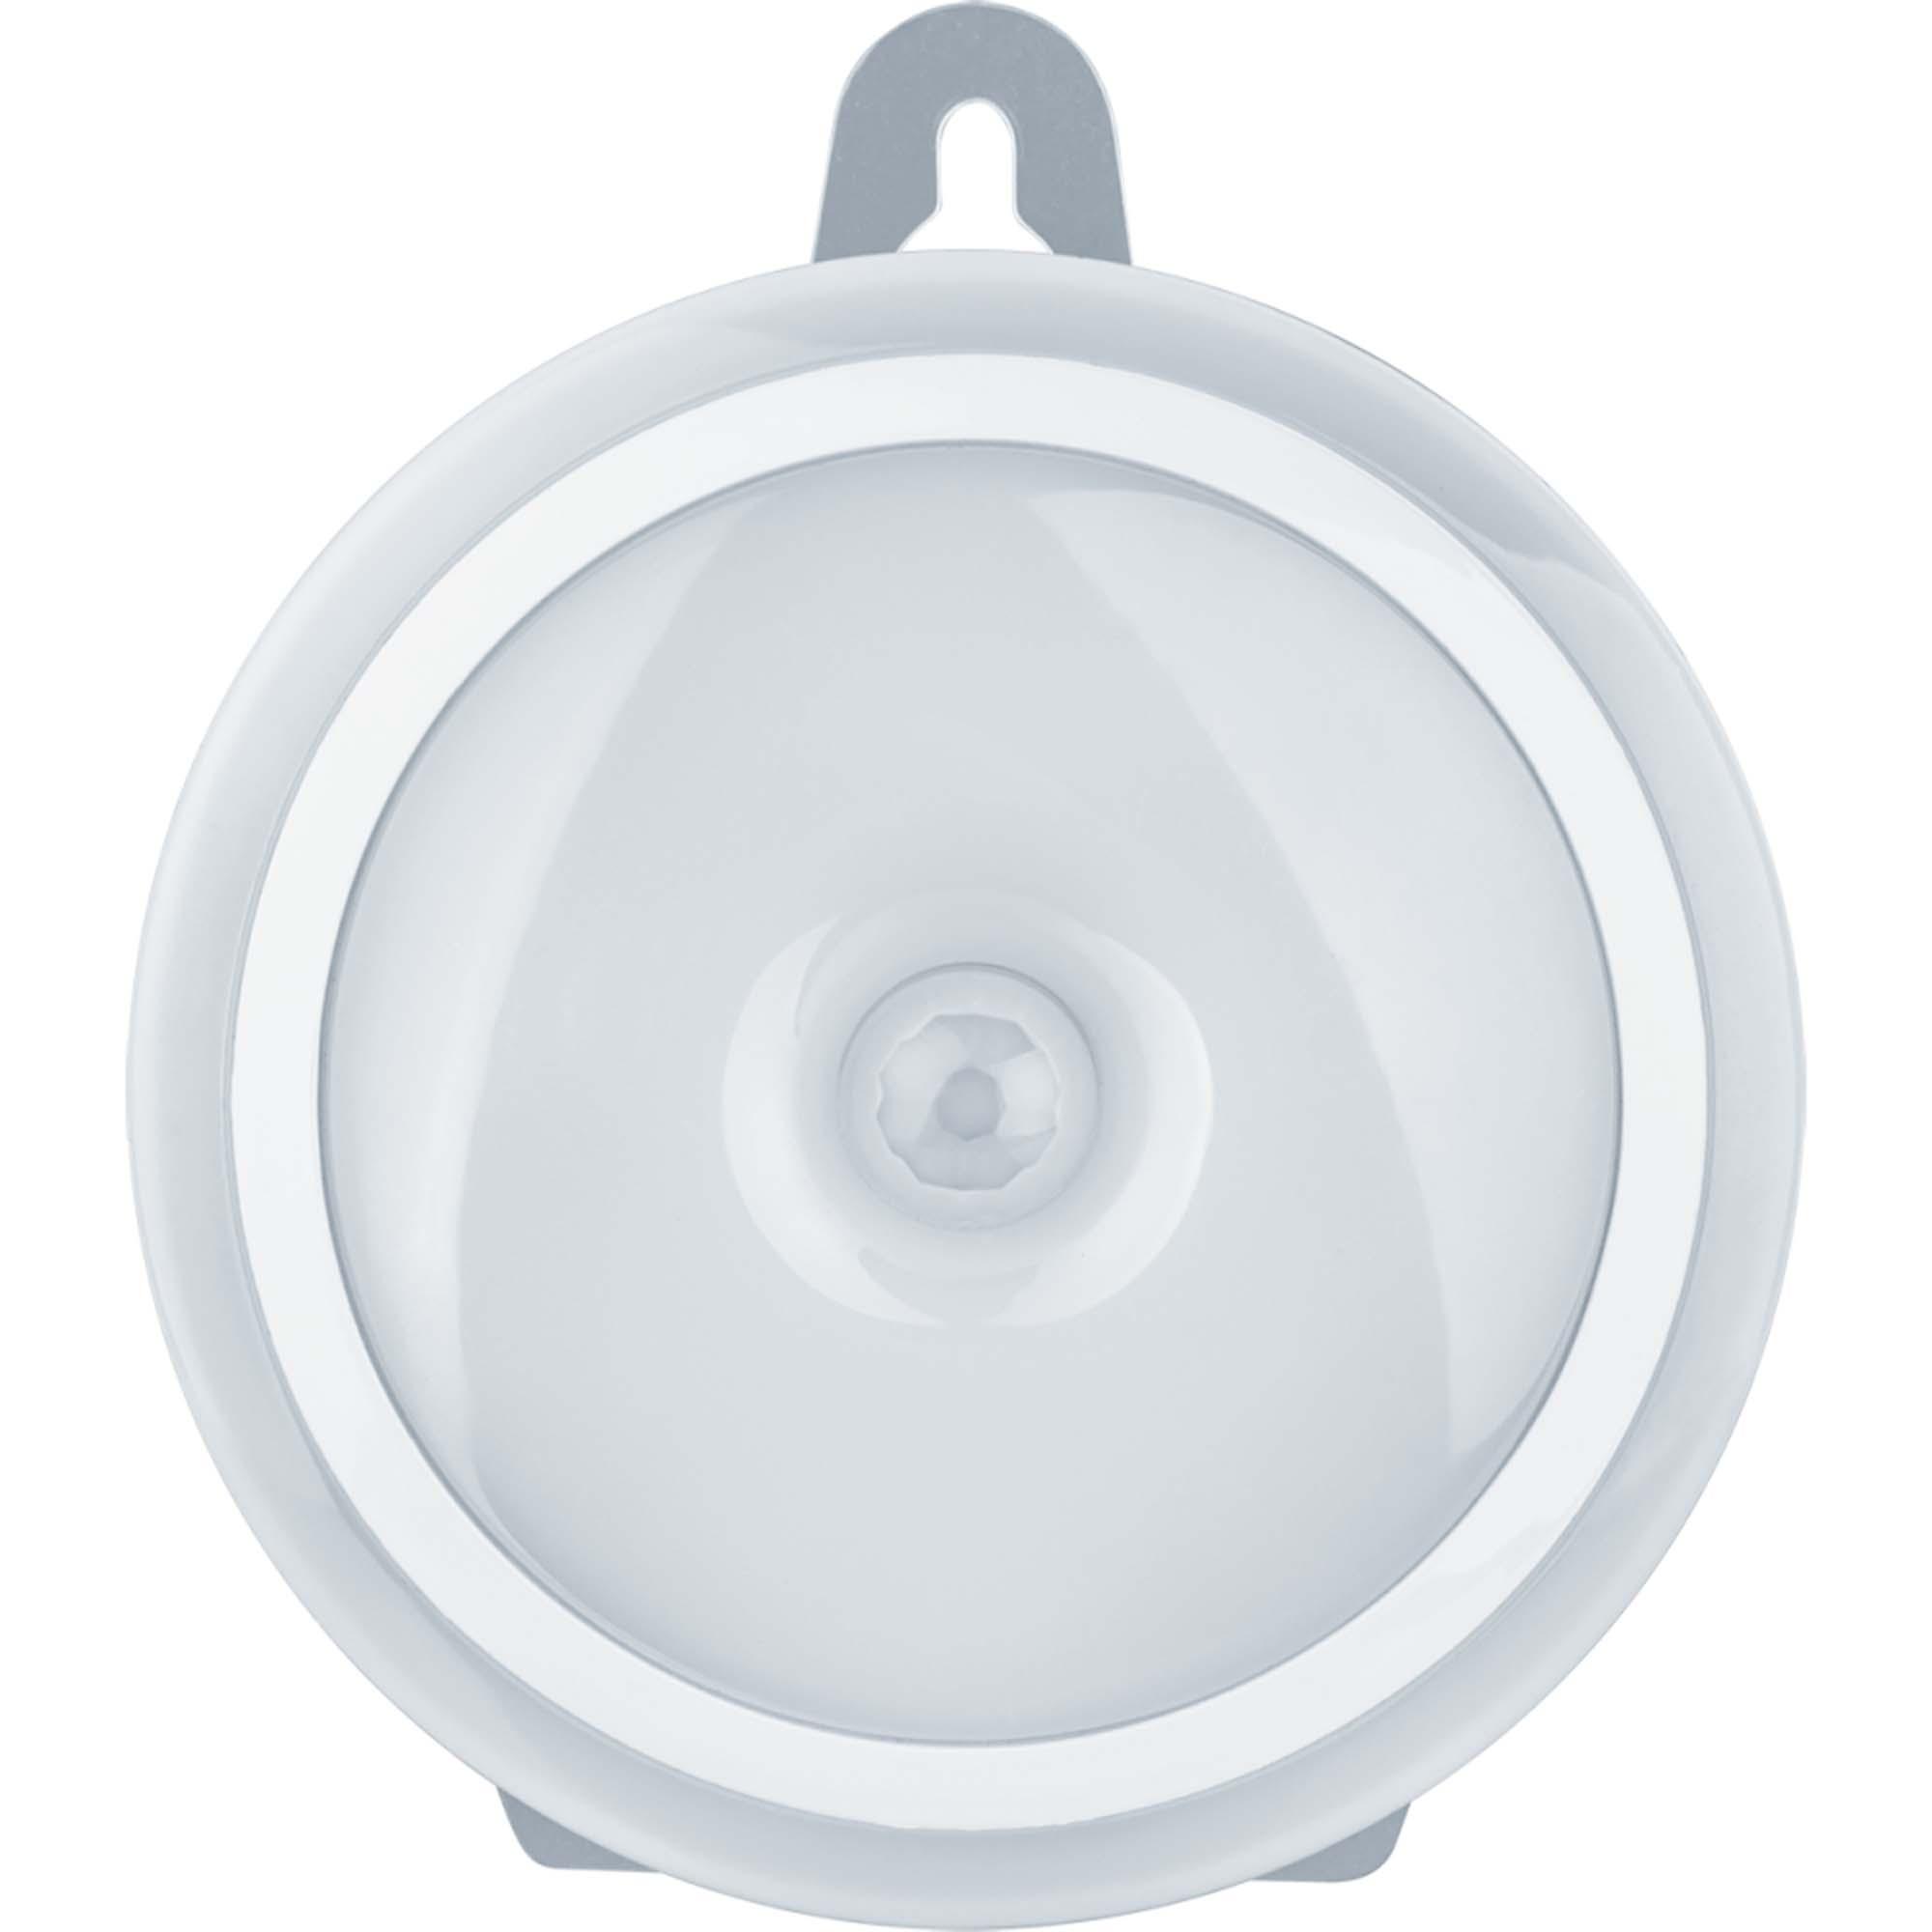 Светильник Navigator портативный 05 на подставке